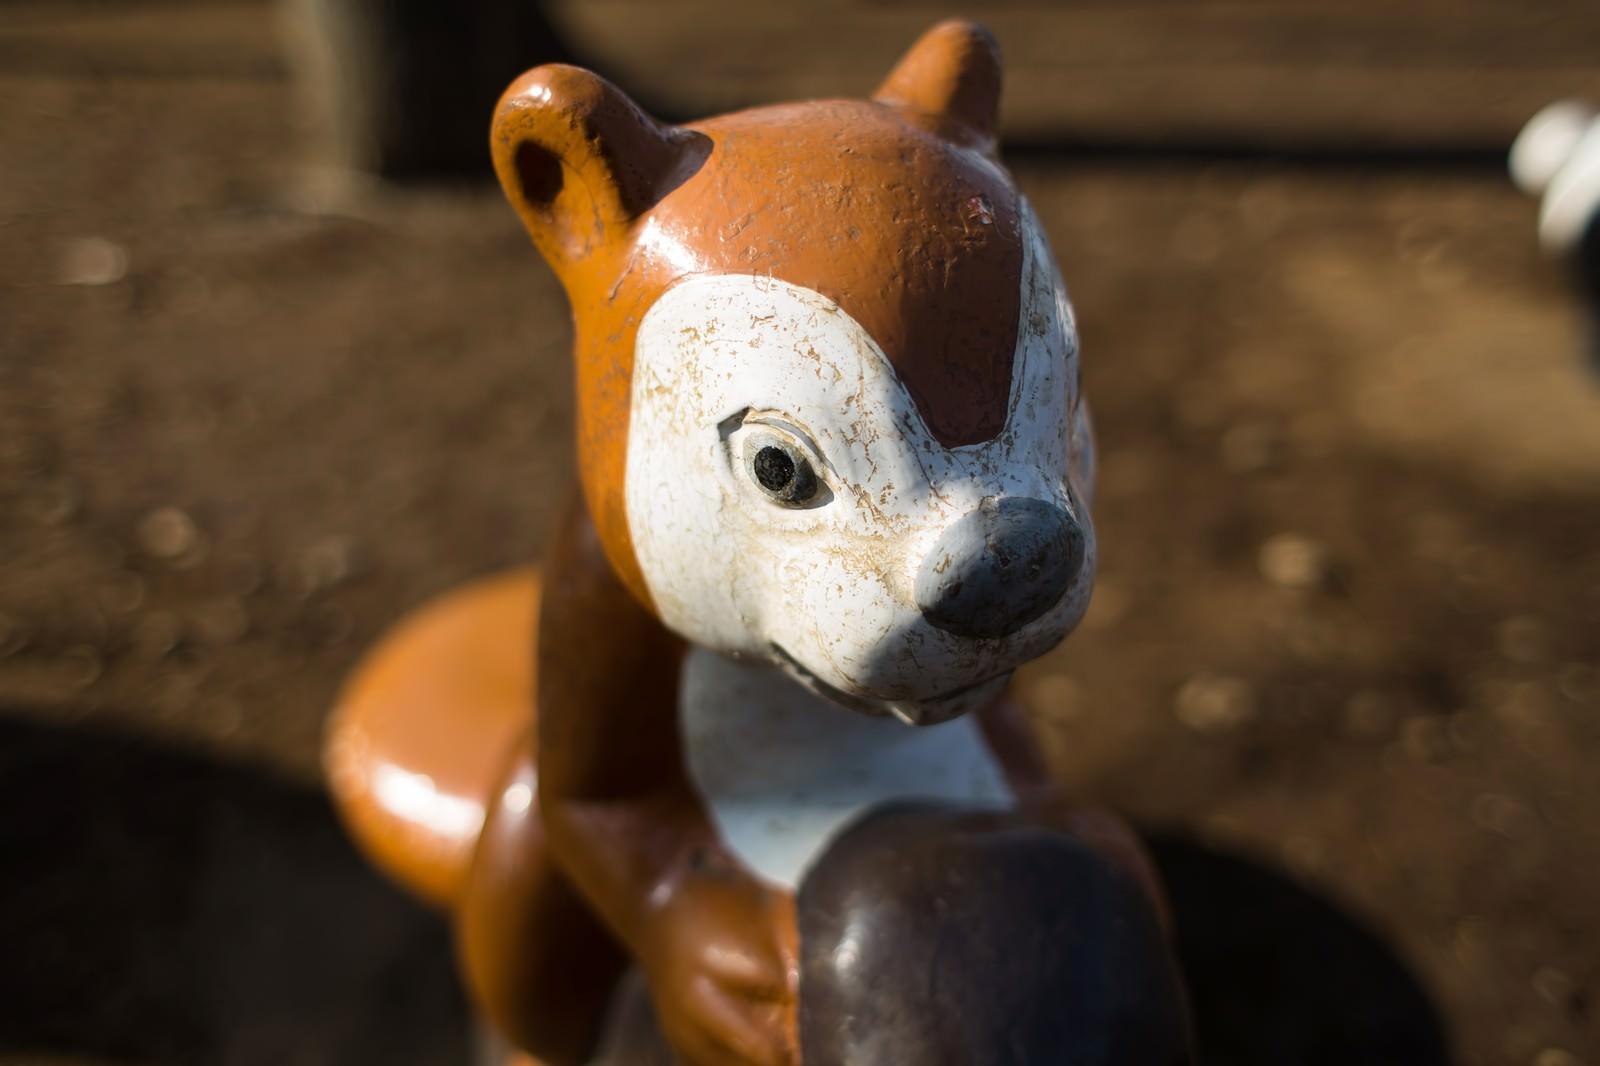 「ボロボロのりすの遊具」の写真